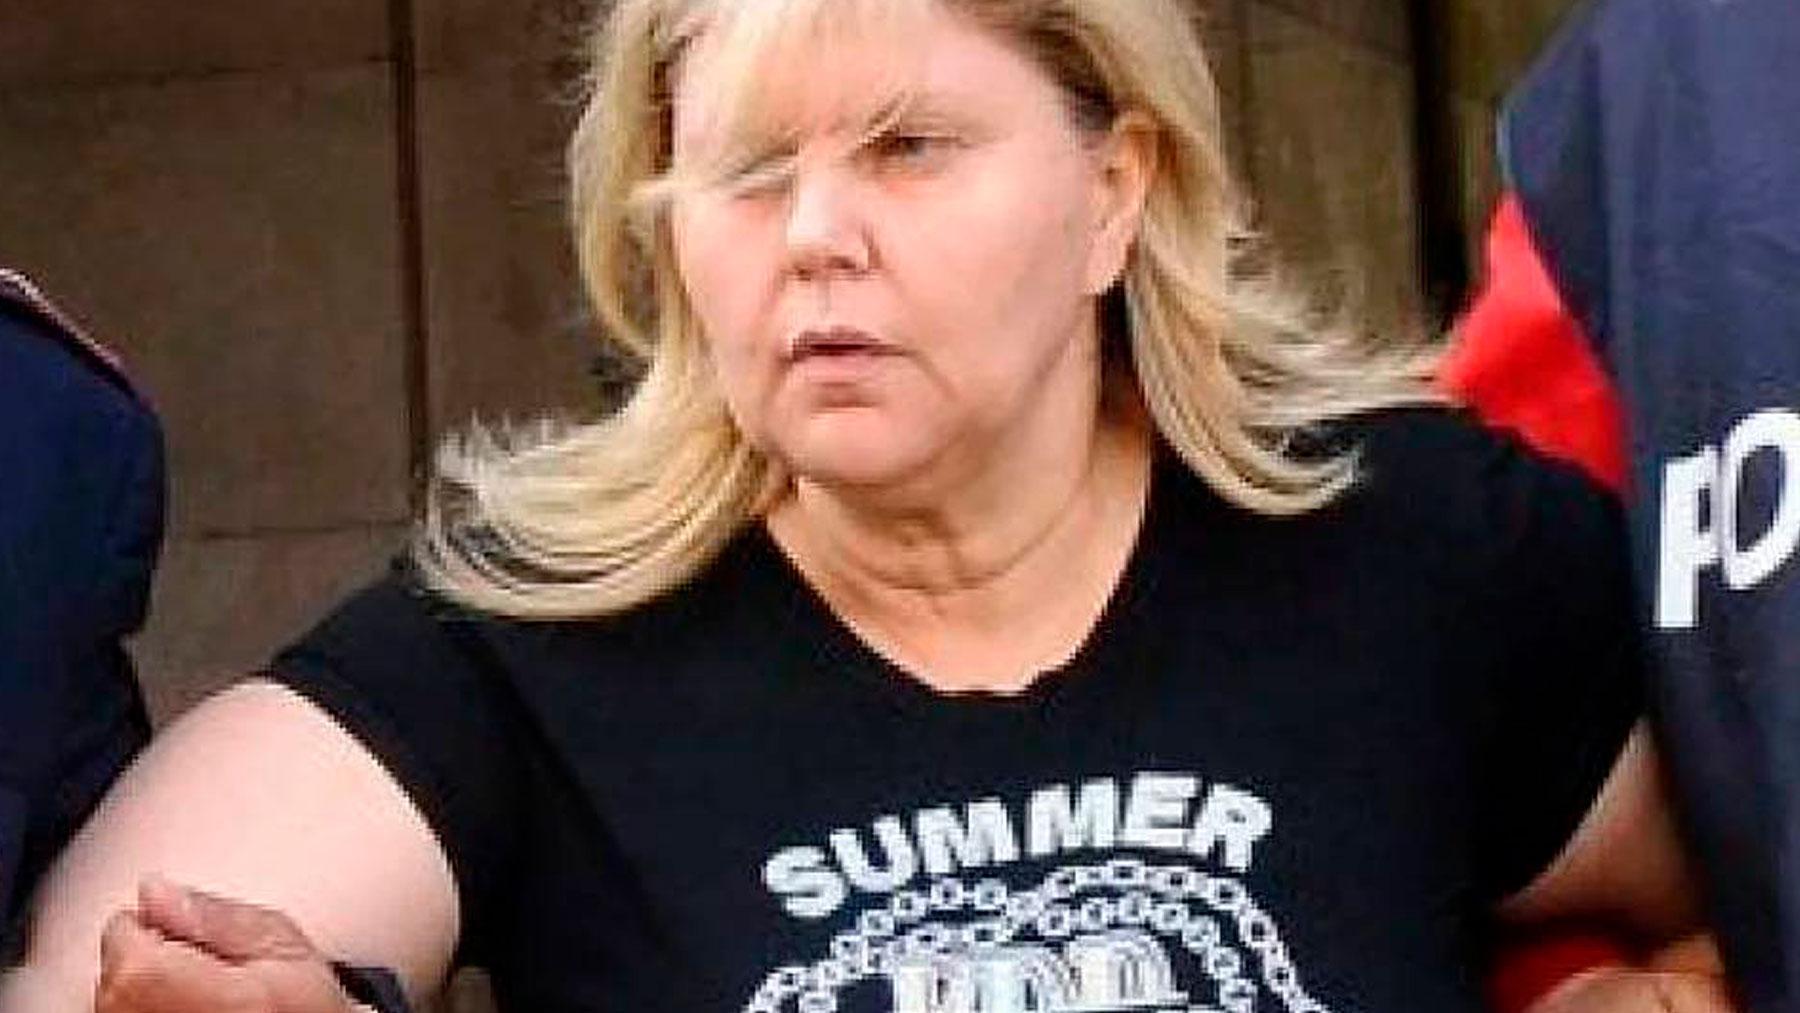 La jefa de la mafia napolitana, María Licciardi, conocida como «La Piccoletta» en el momento de su detención.